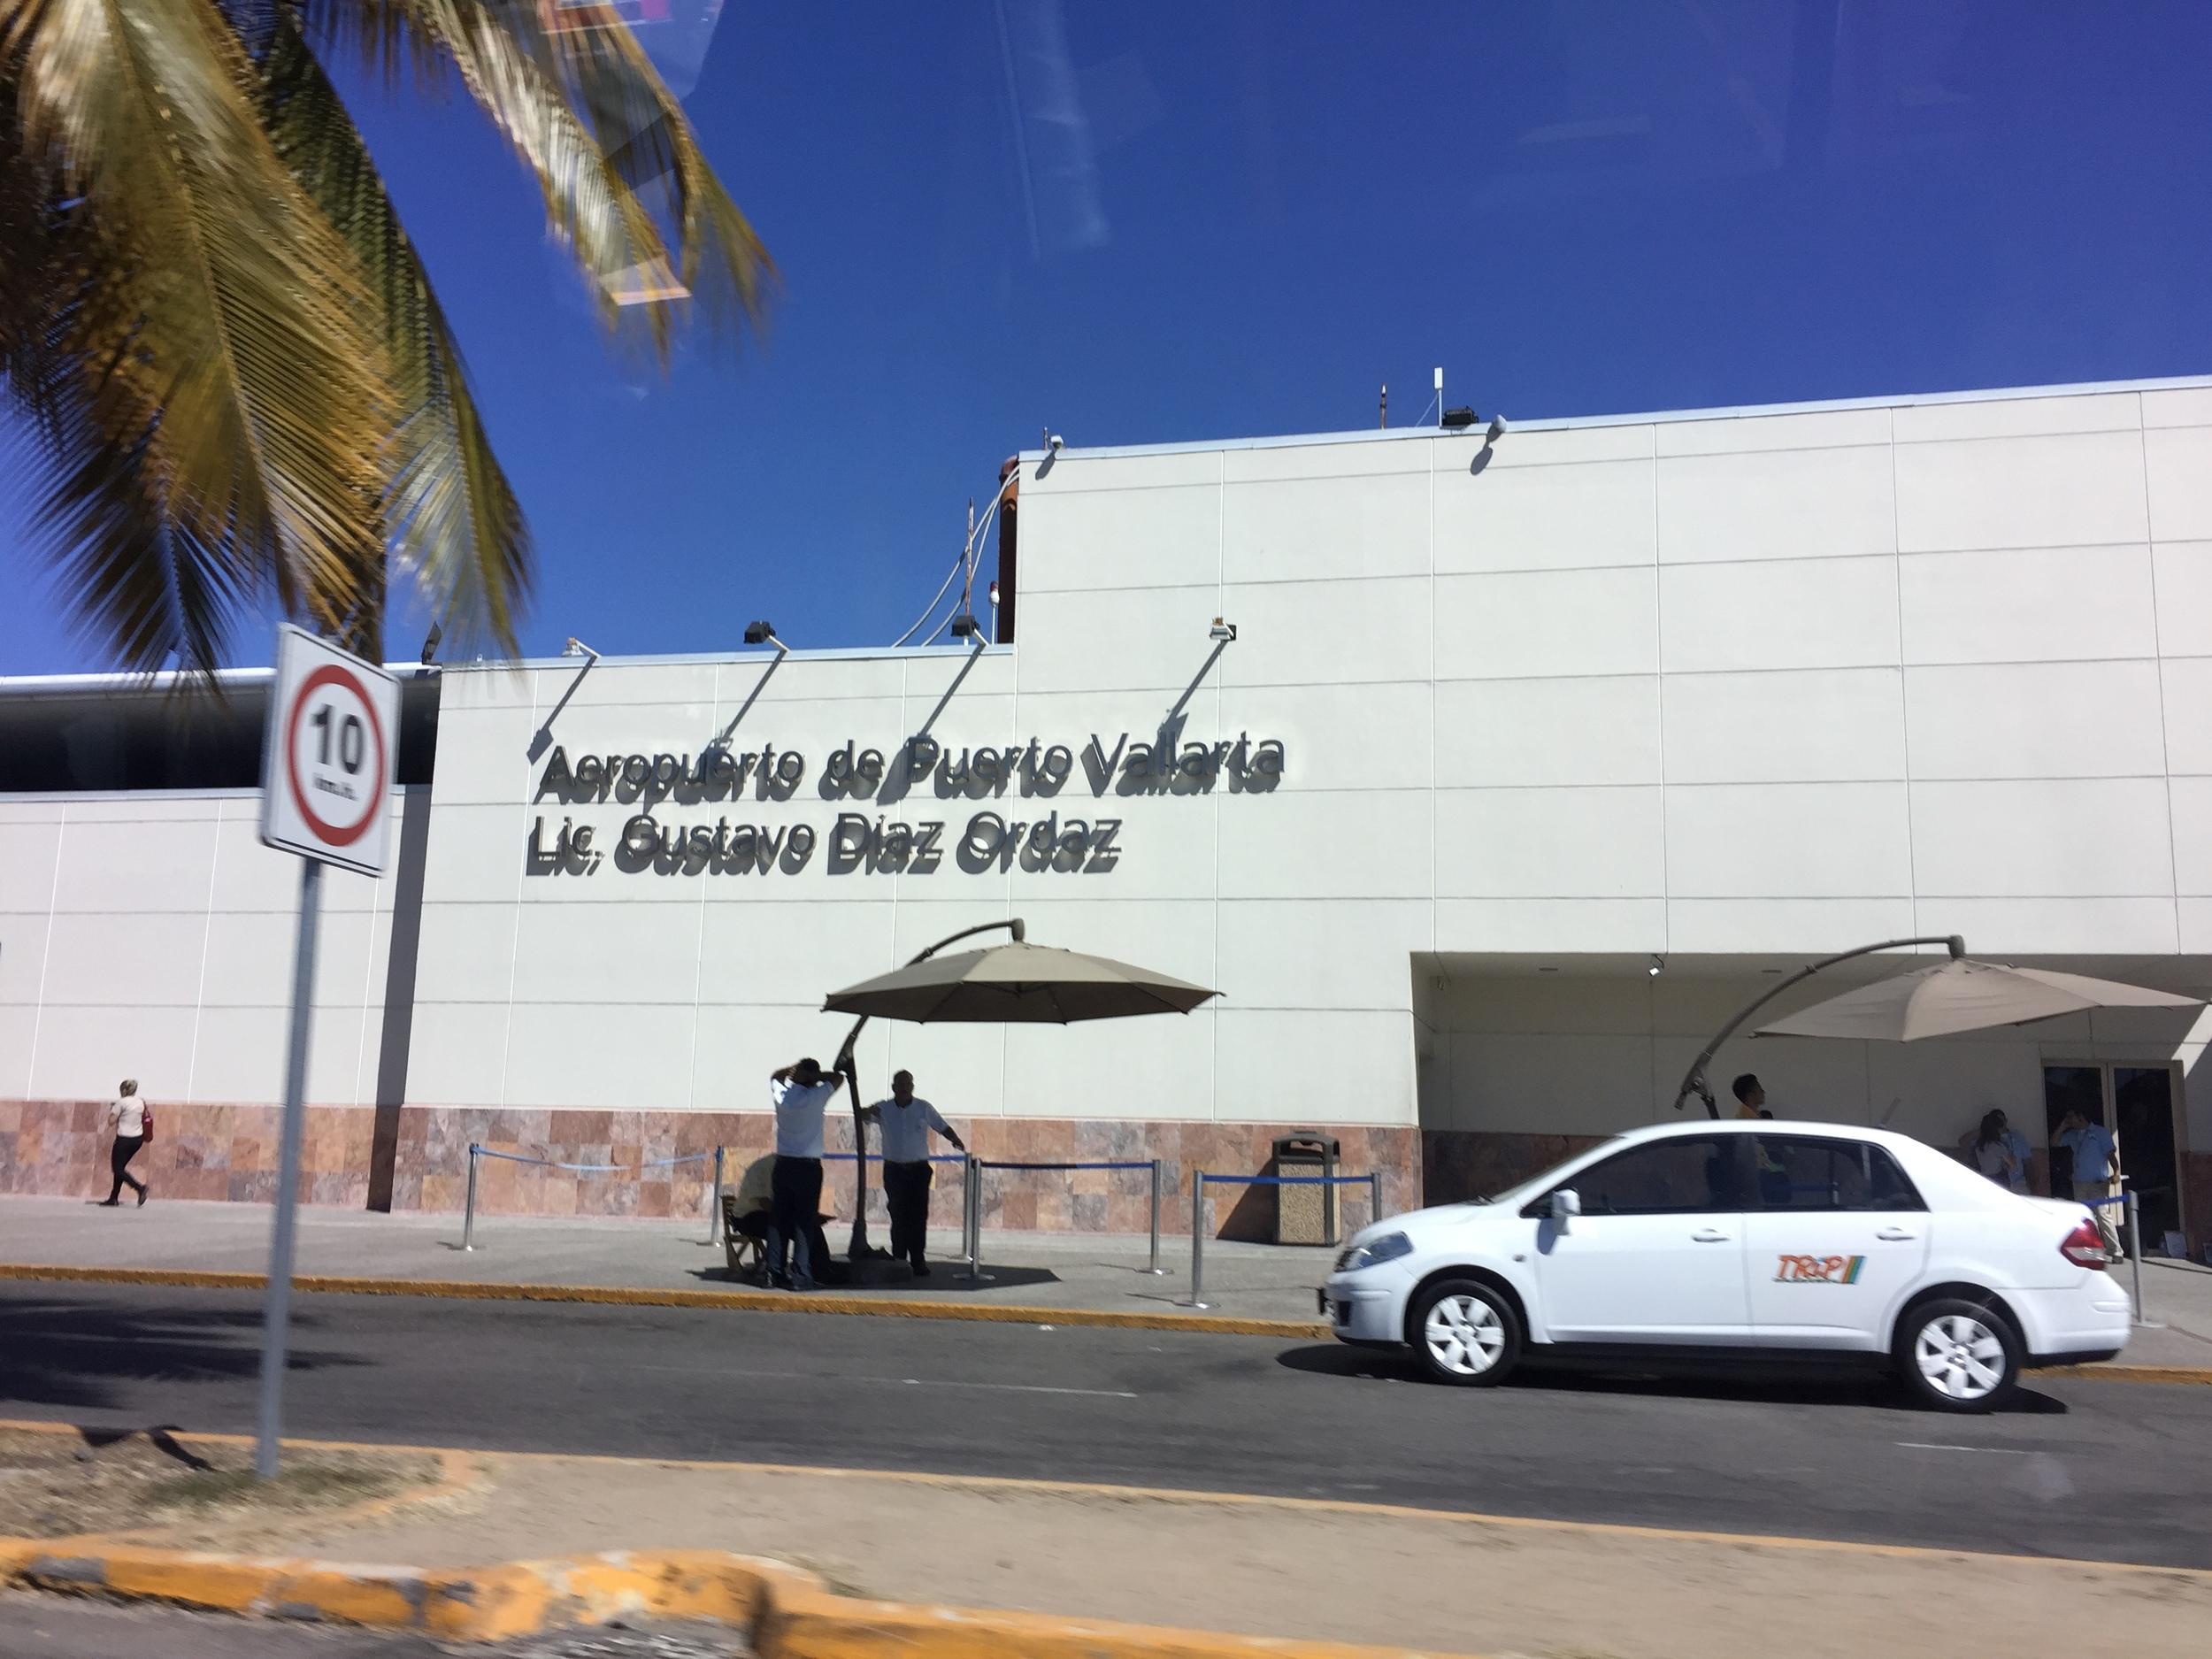 Puerto Vallarta air port